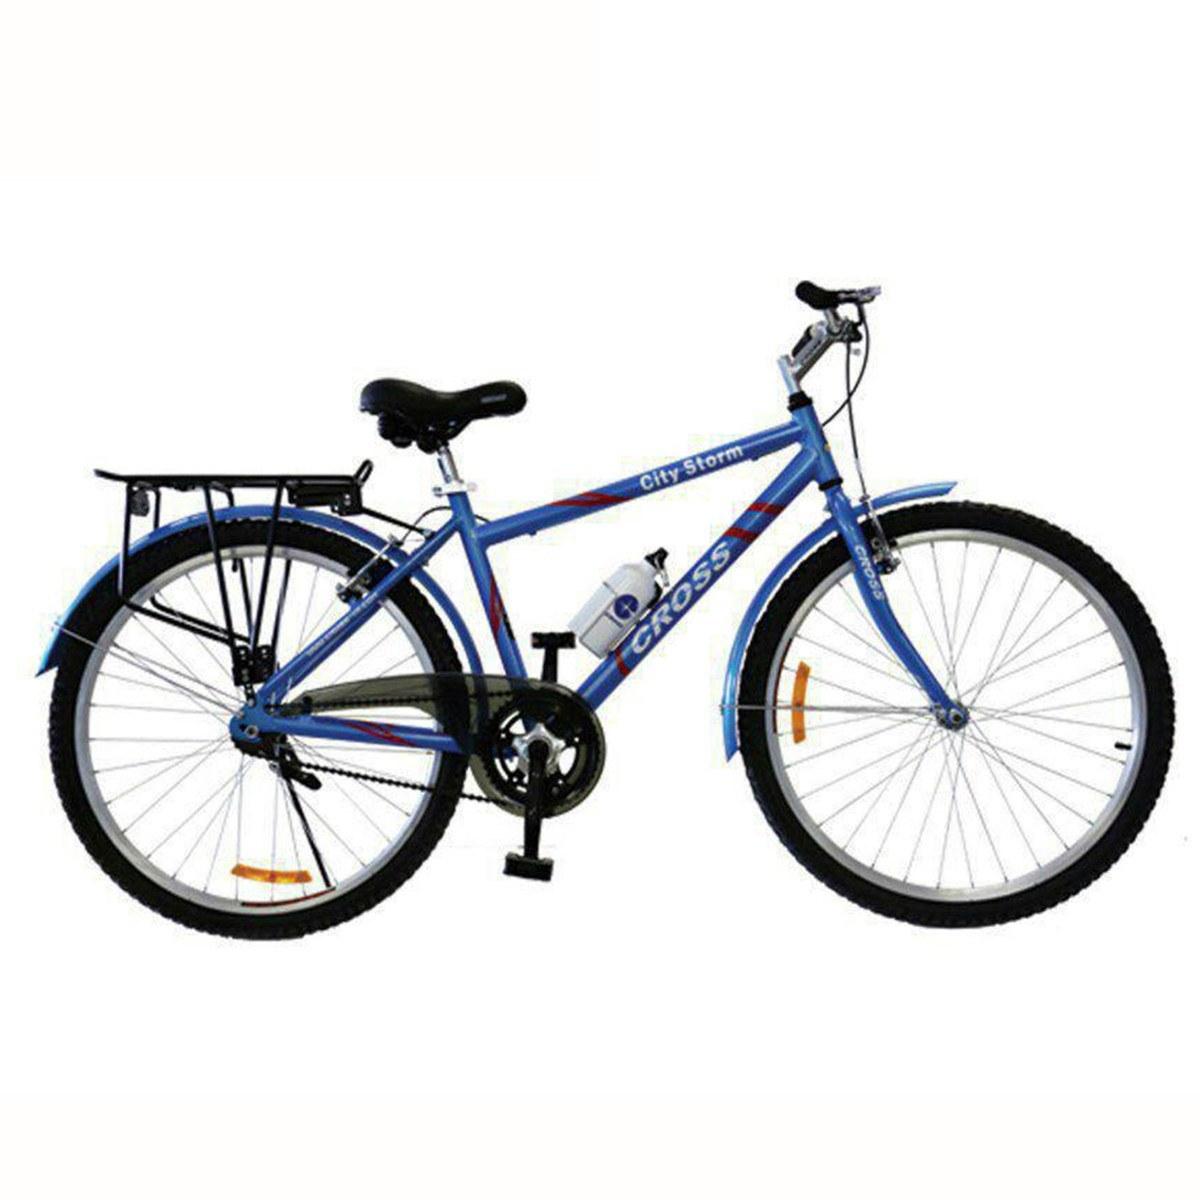 دوچرخه شهری کراس مدل CITY STORM  سایز 26 اینچ  